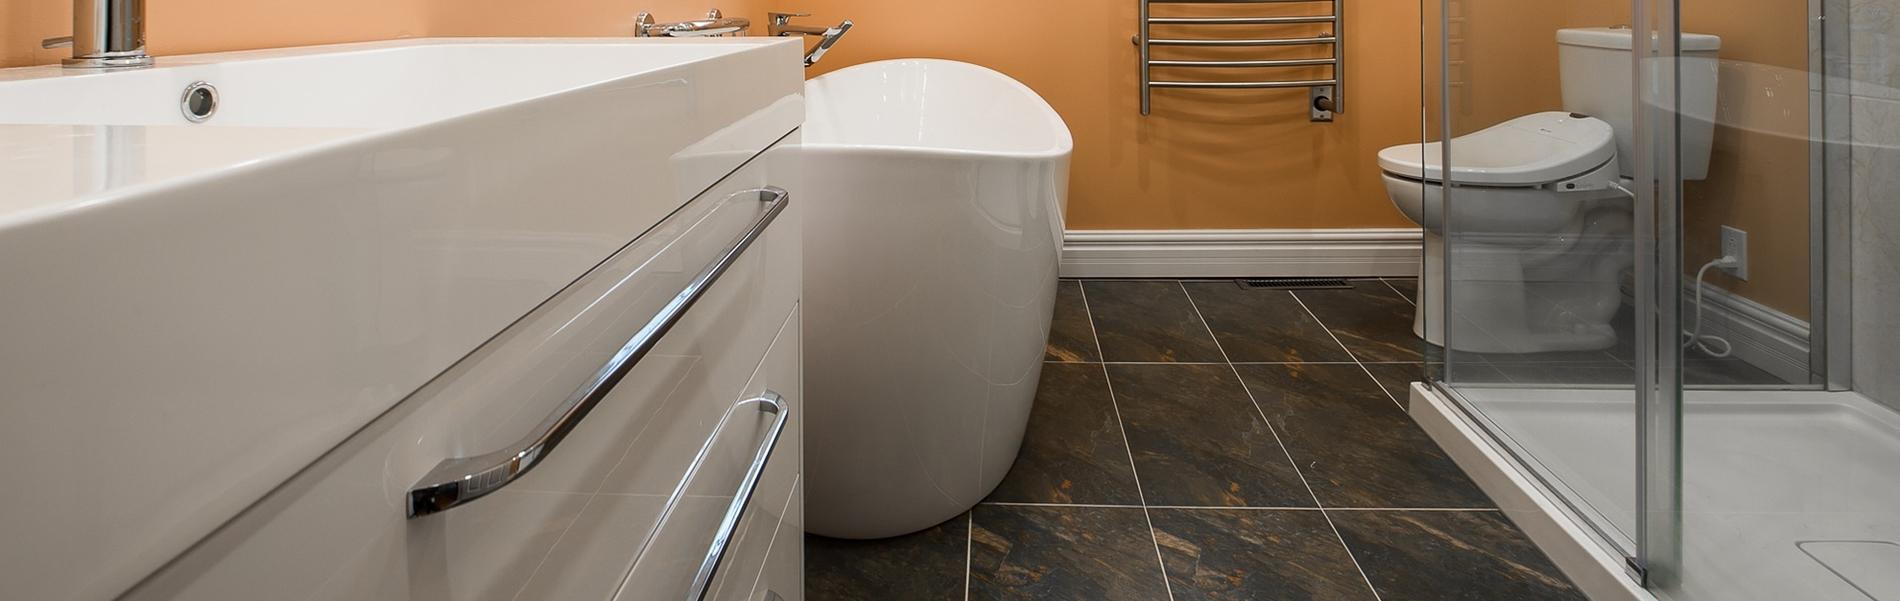 altbausanierung-badezimmer-ulli-wendler